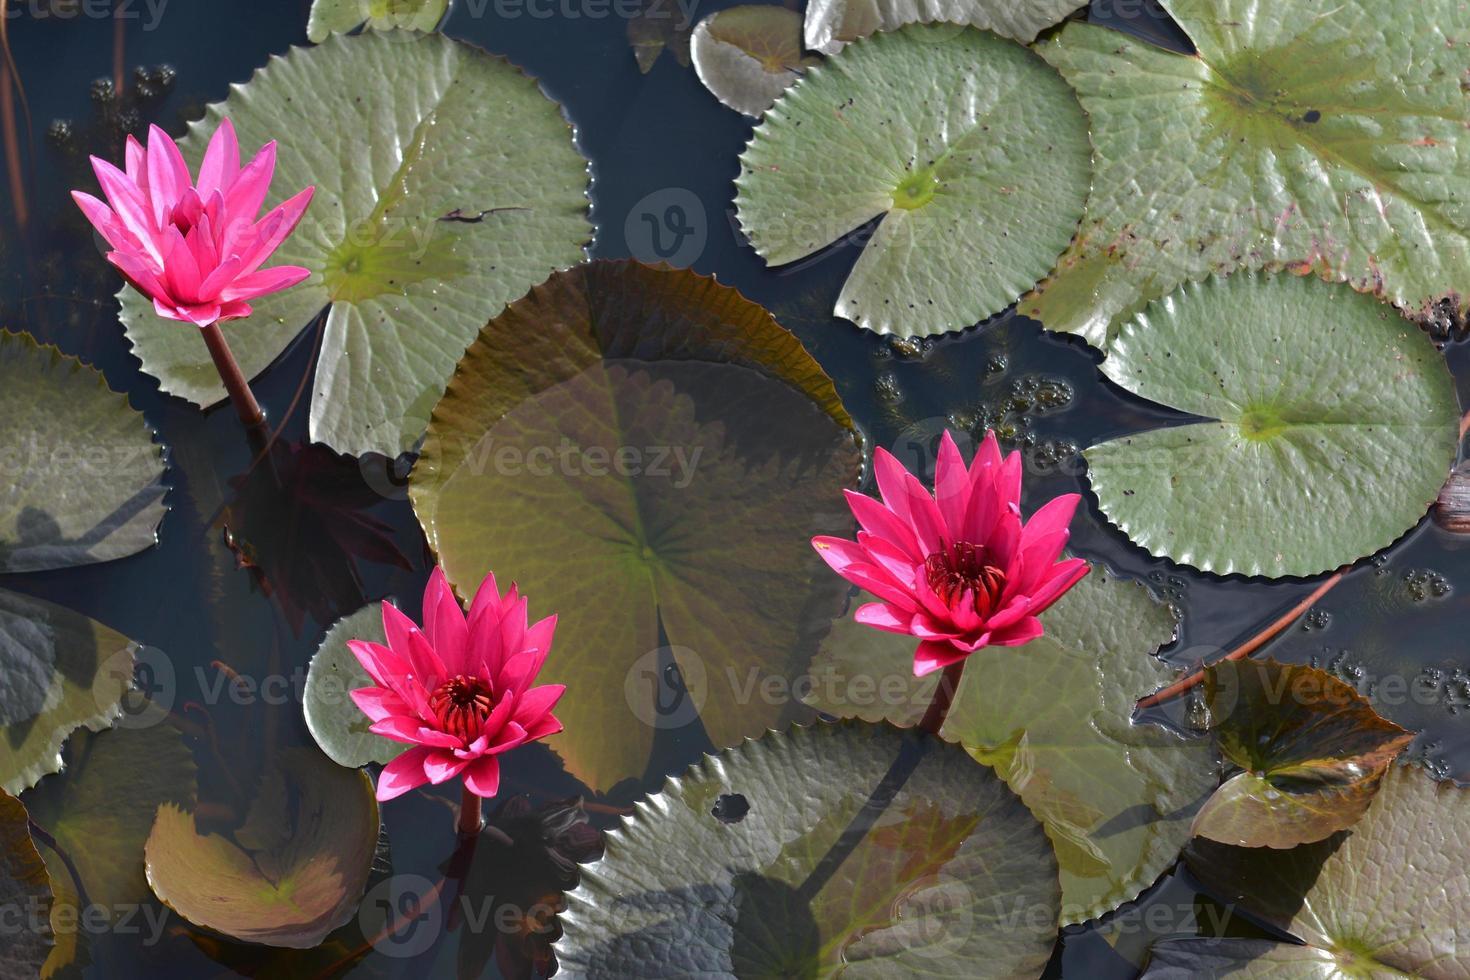 """loto rosa en el pantano de loto en la provincia de pattalung """"talay-noi"""", thaialnd foto"""